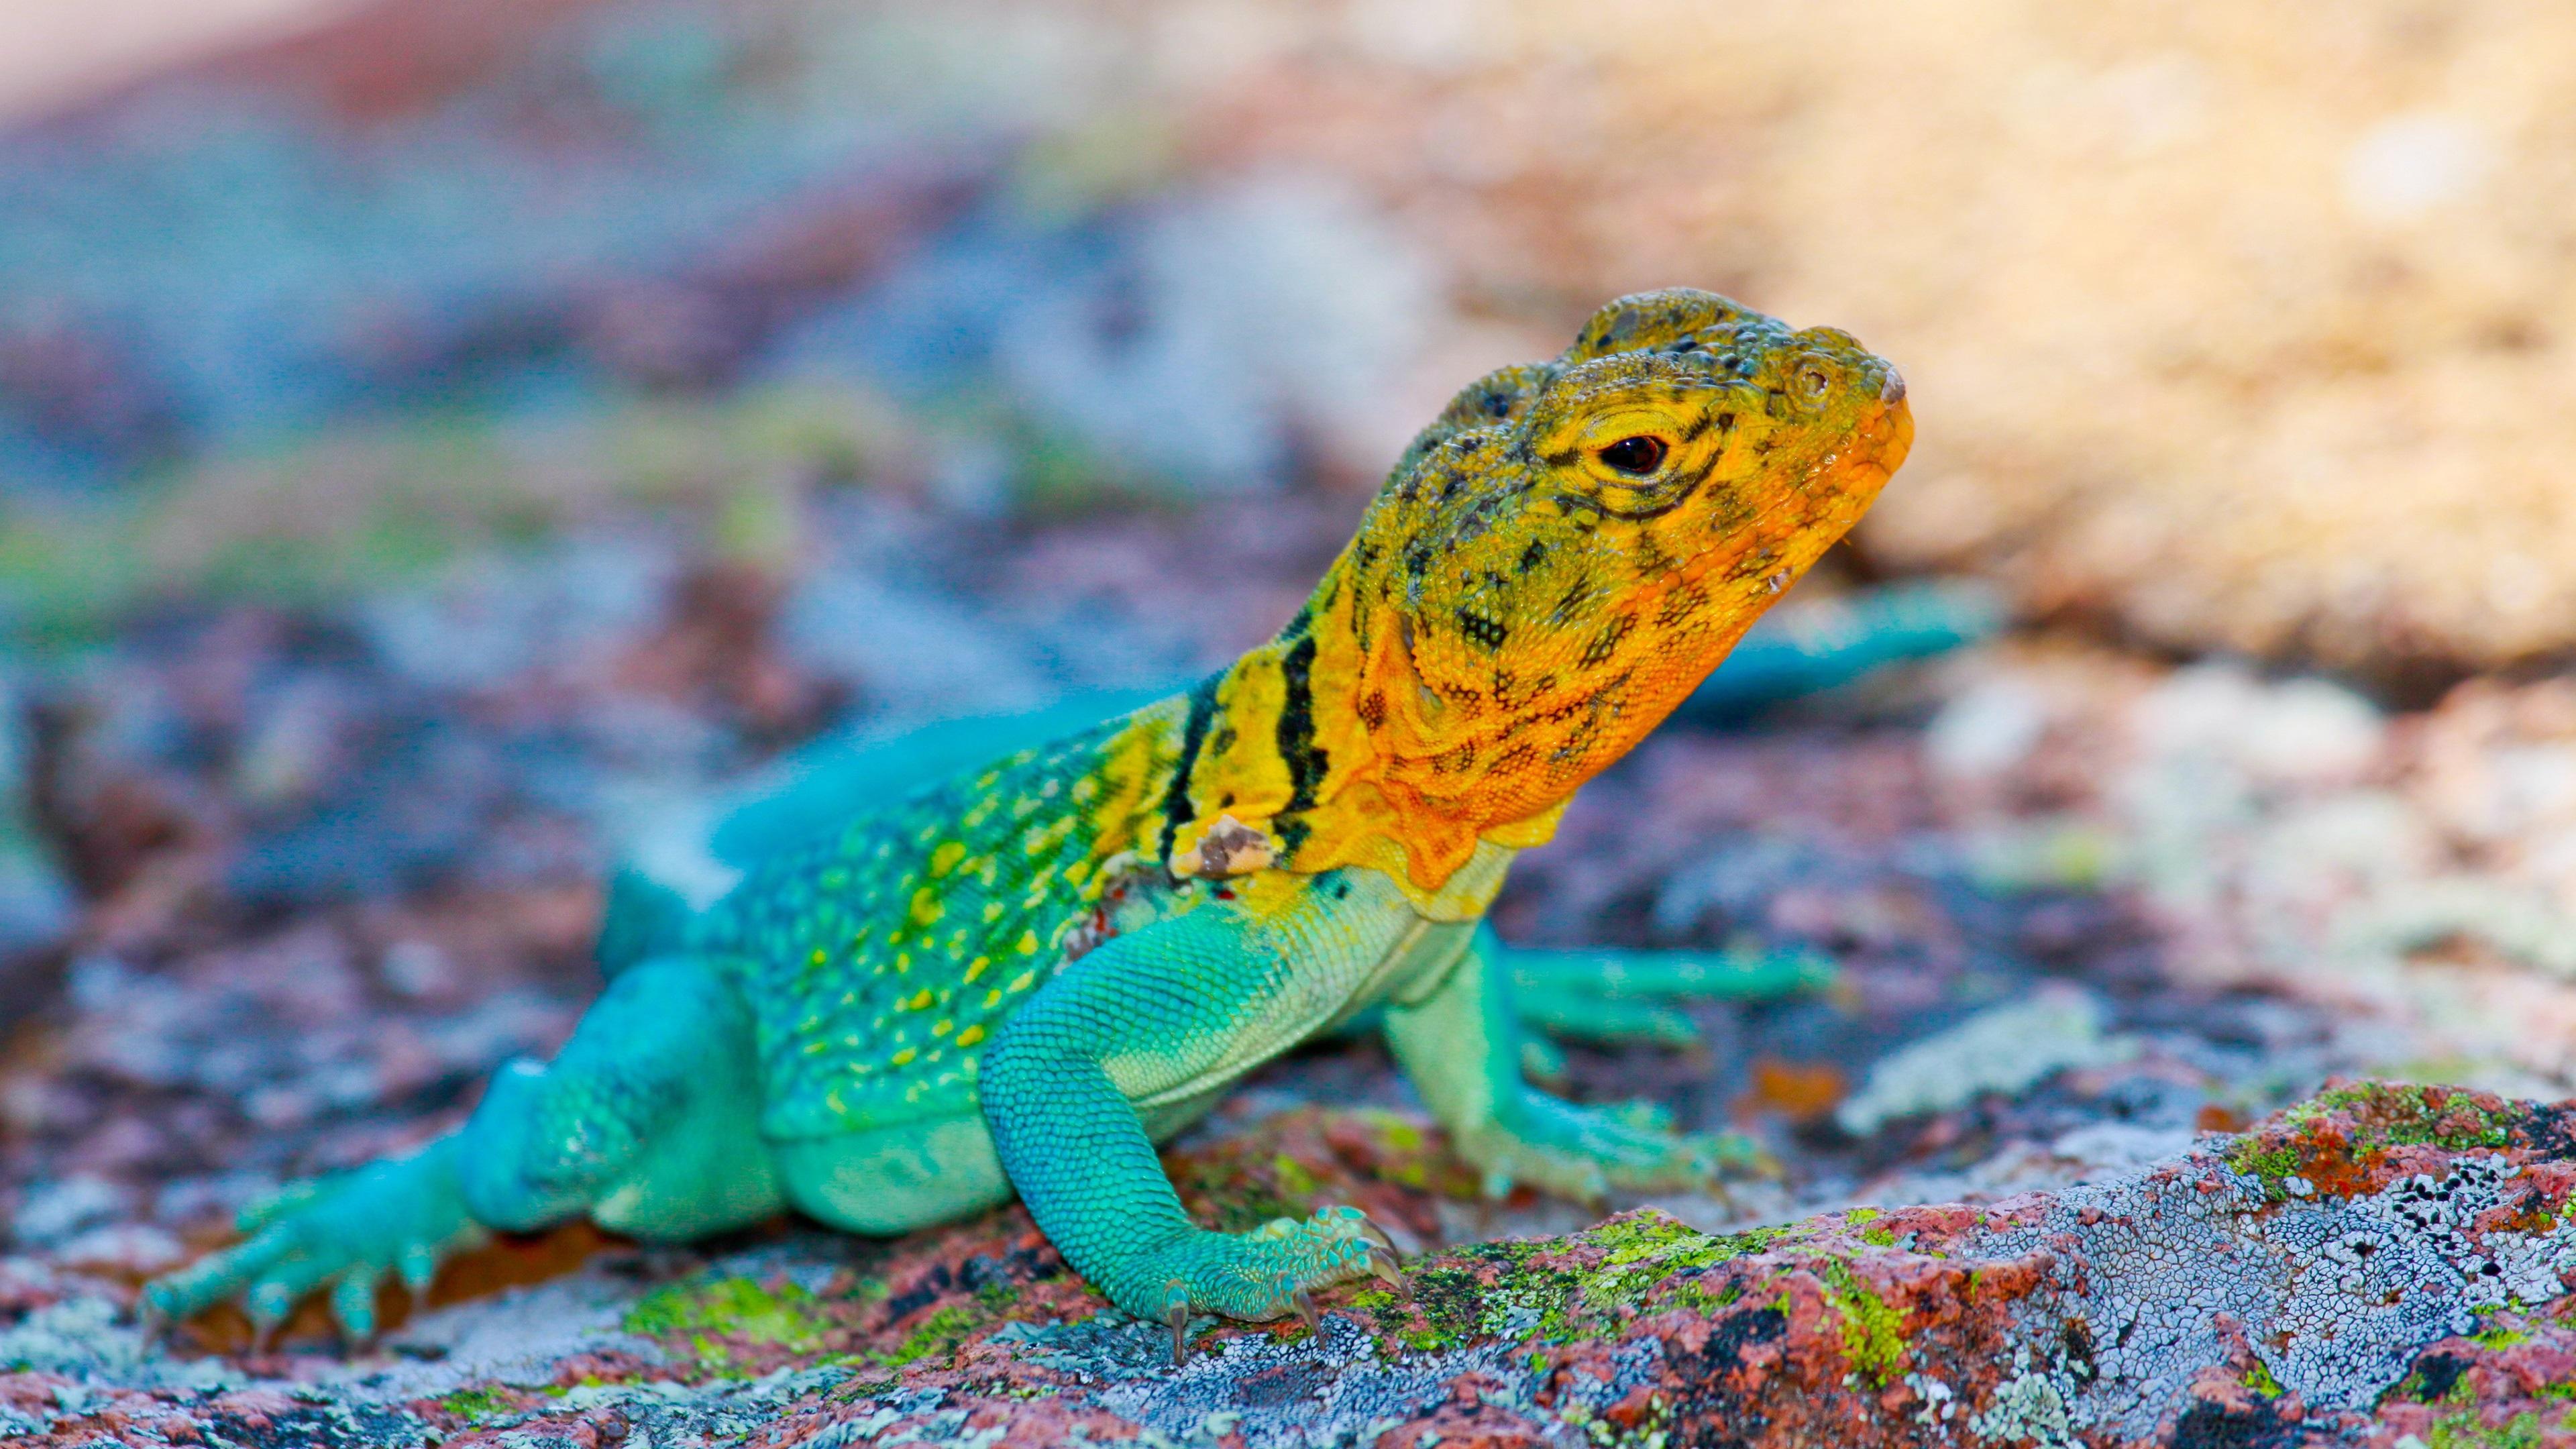 3840x2160 wallpaper lizard gecko - photo #5